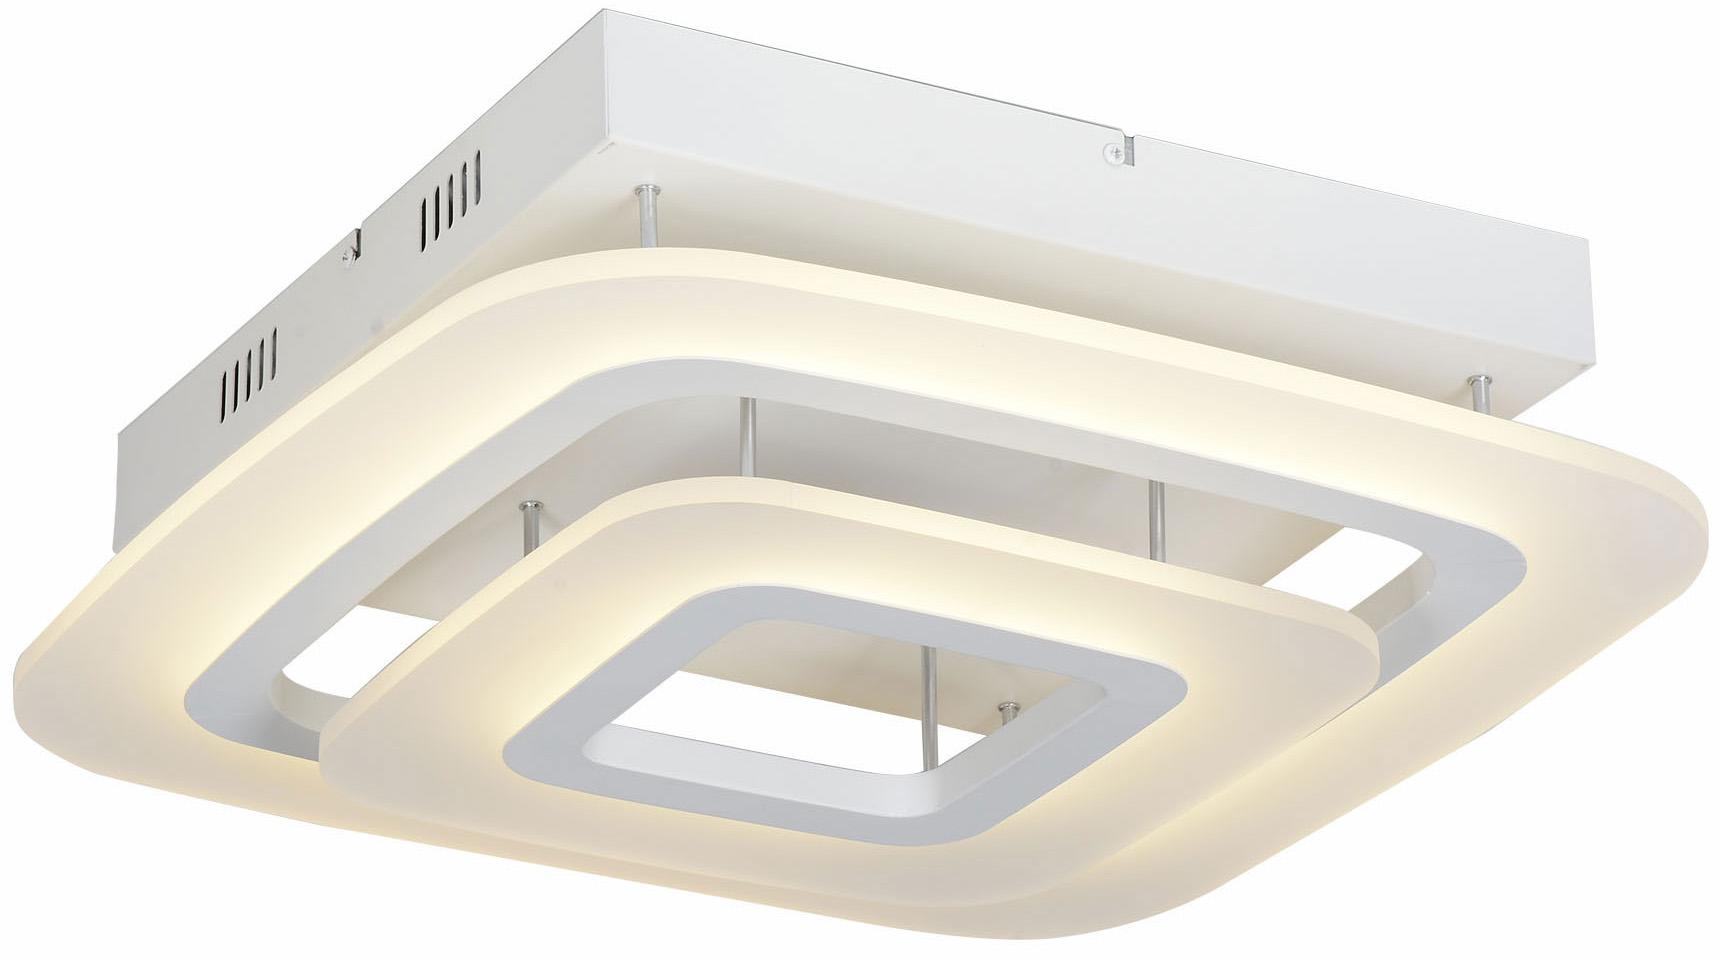 Люстра потолочная светодиодная с пультом ST LUCE SL900.502.02 Torres